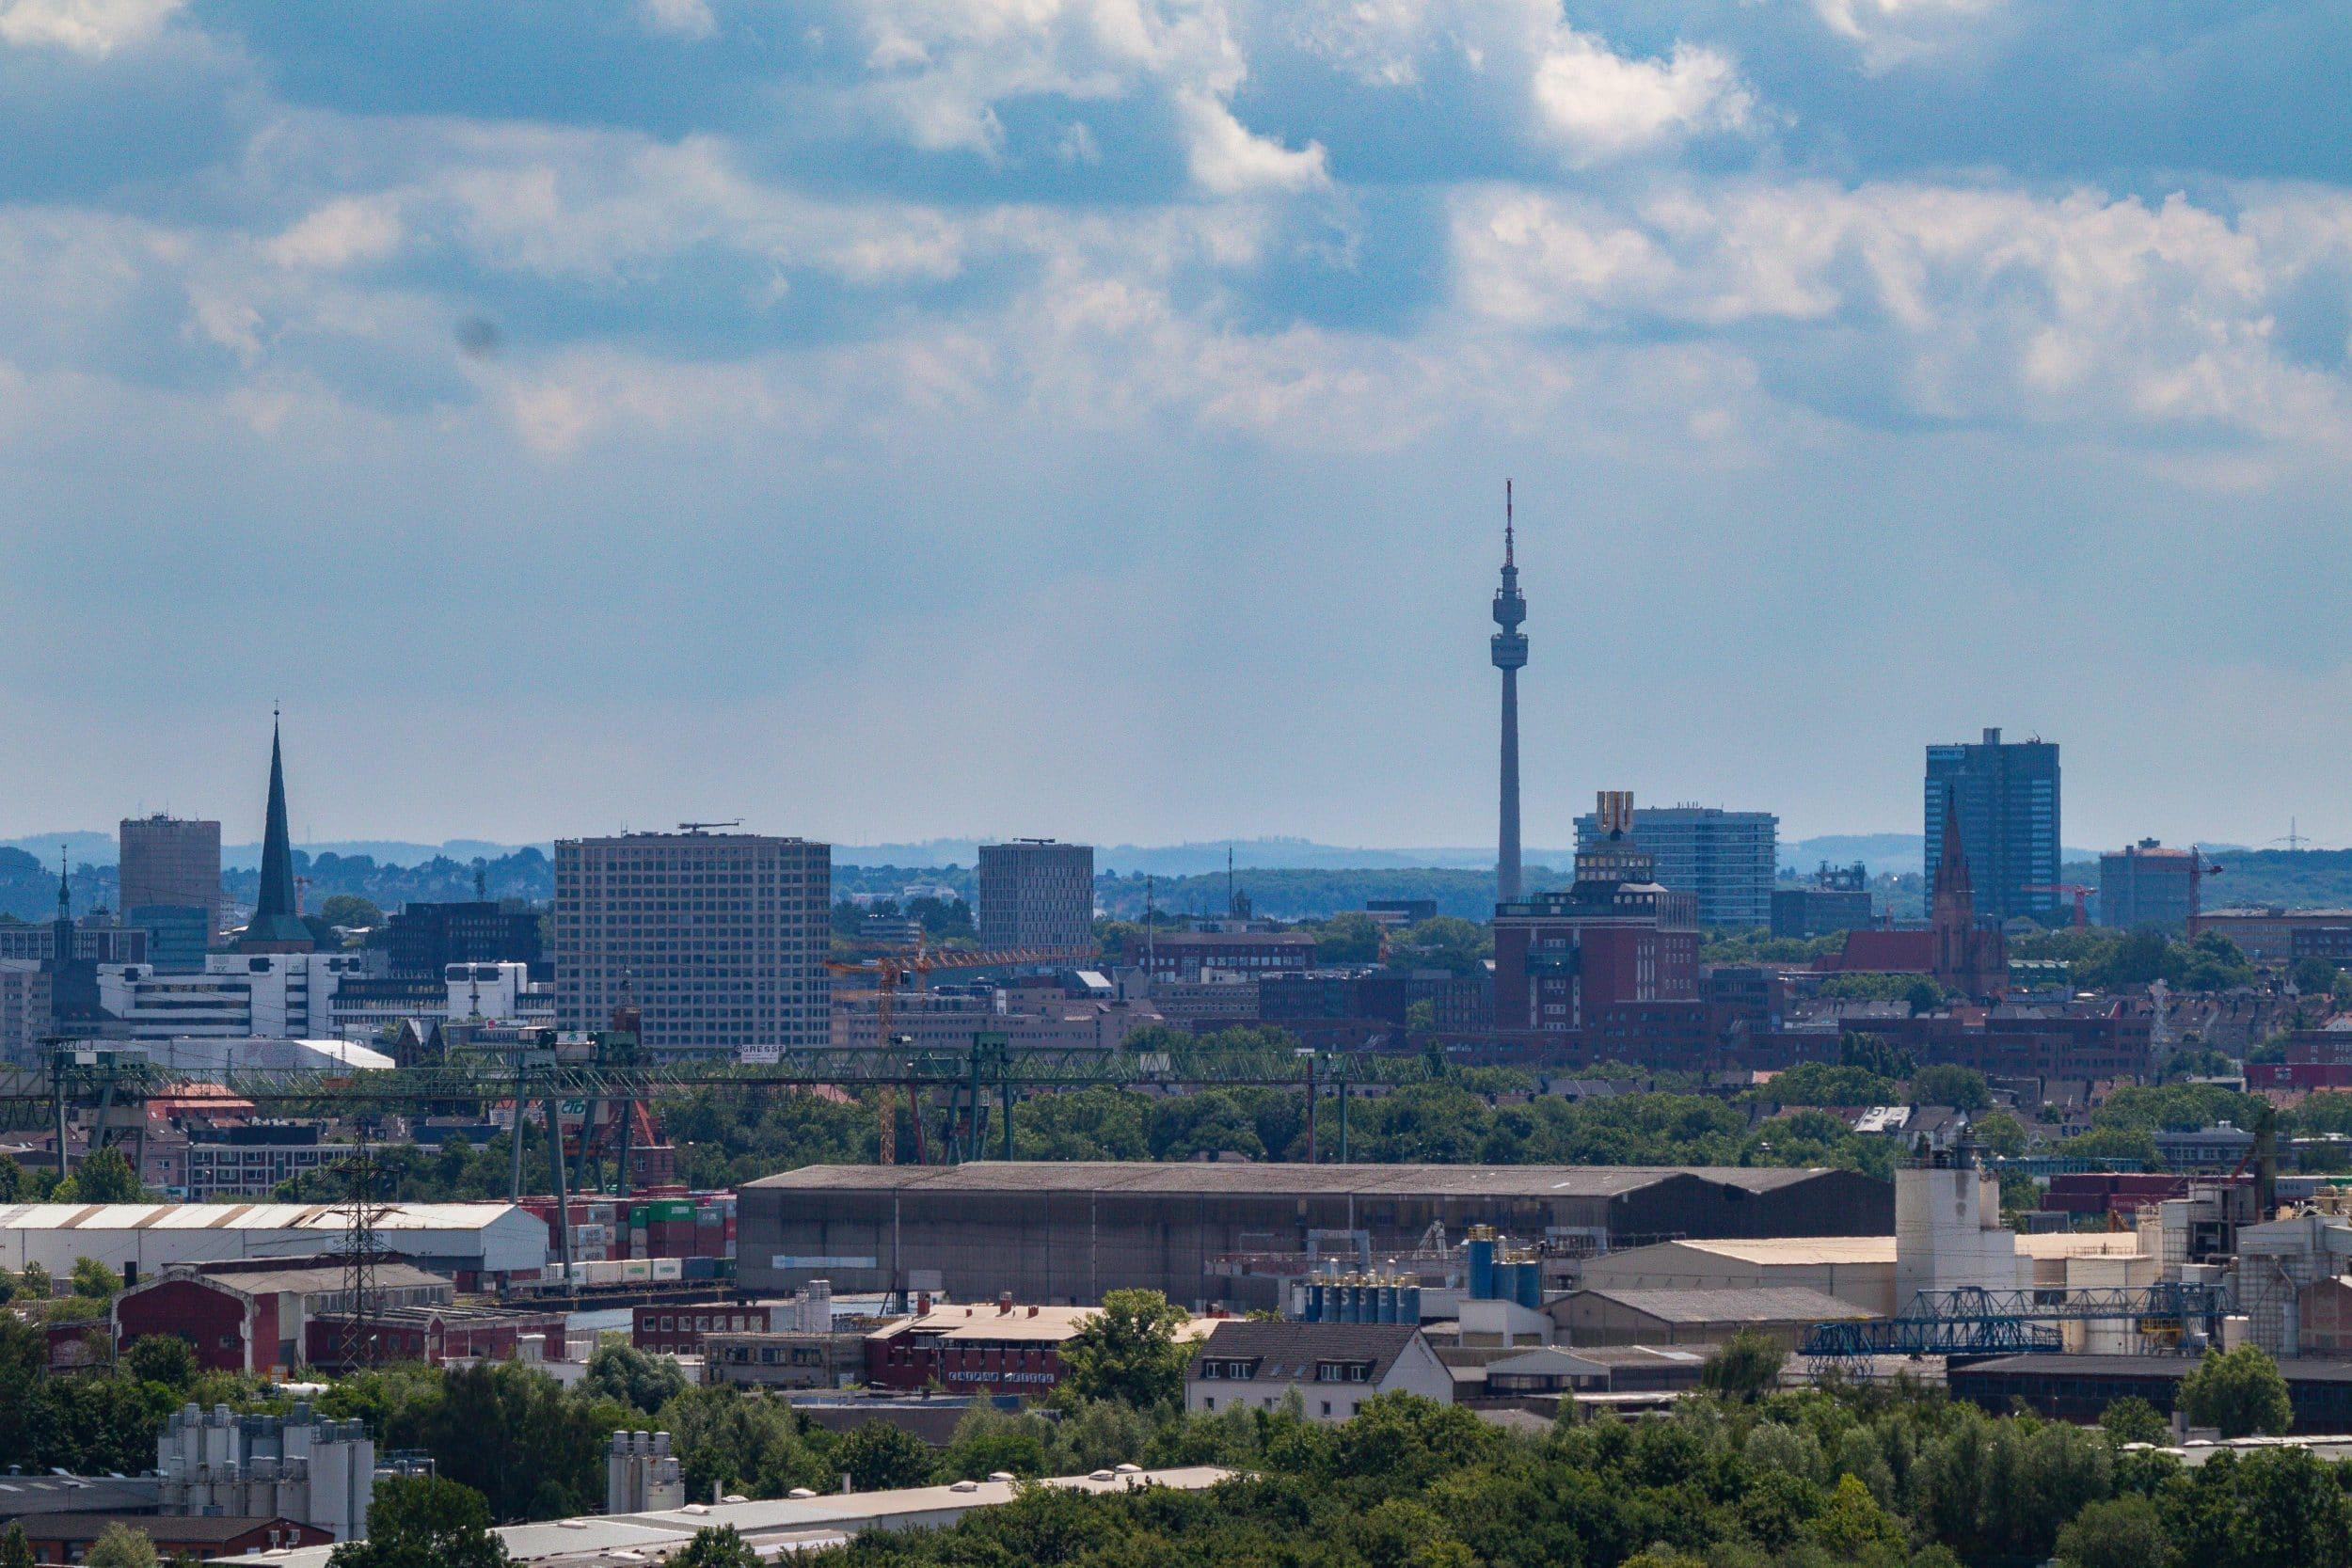 In allen Stadtbezirken liegt ein deutlich gestiegenes Infektionsgeschehen vor, verbunden mit einem deutlich erhöhten Ansteckungsrisiko.  (Archivfoto: Wir in Dortmund)